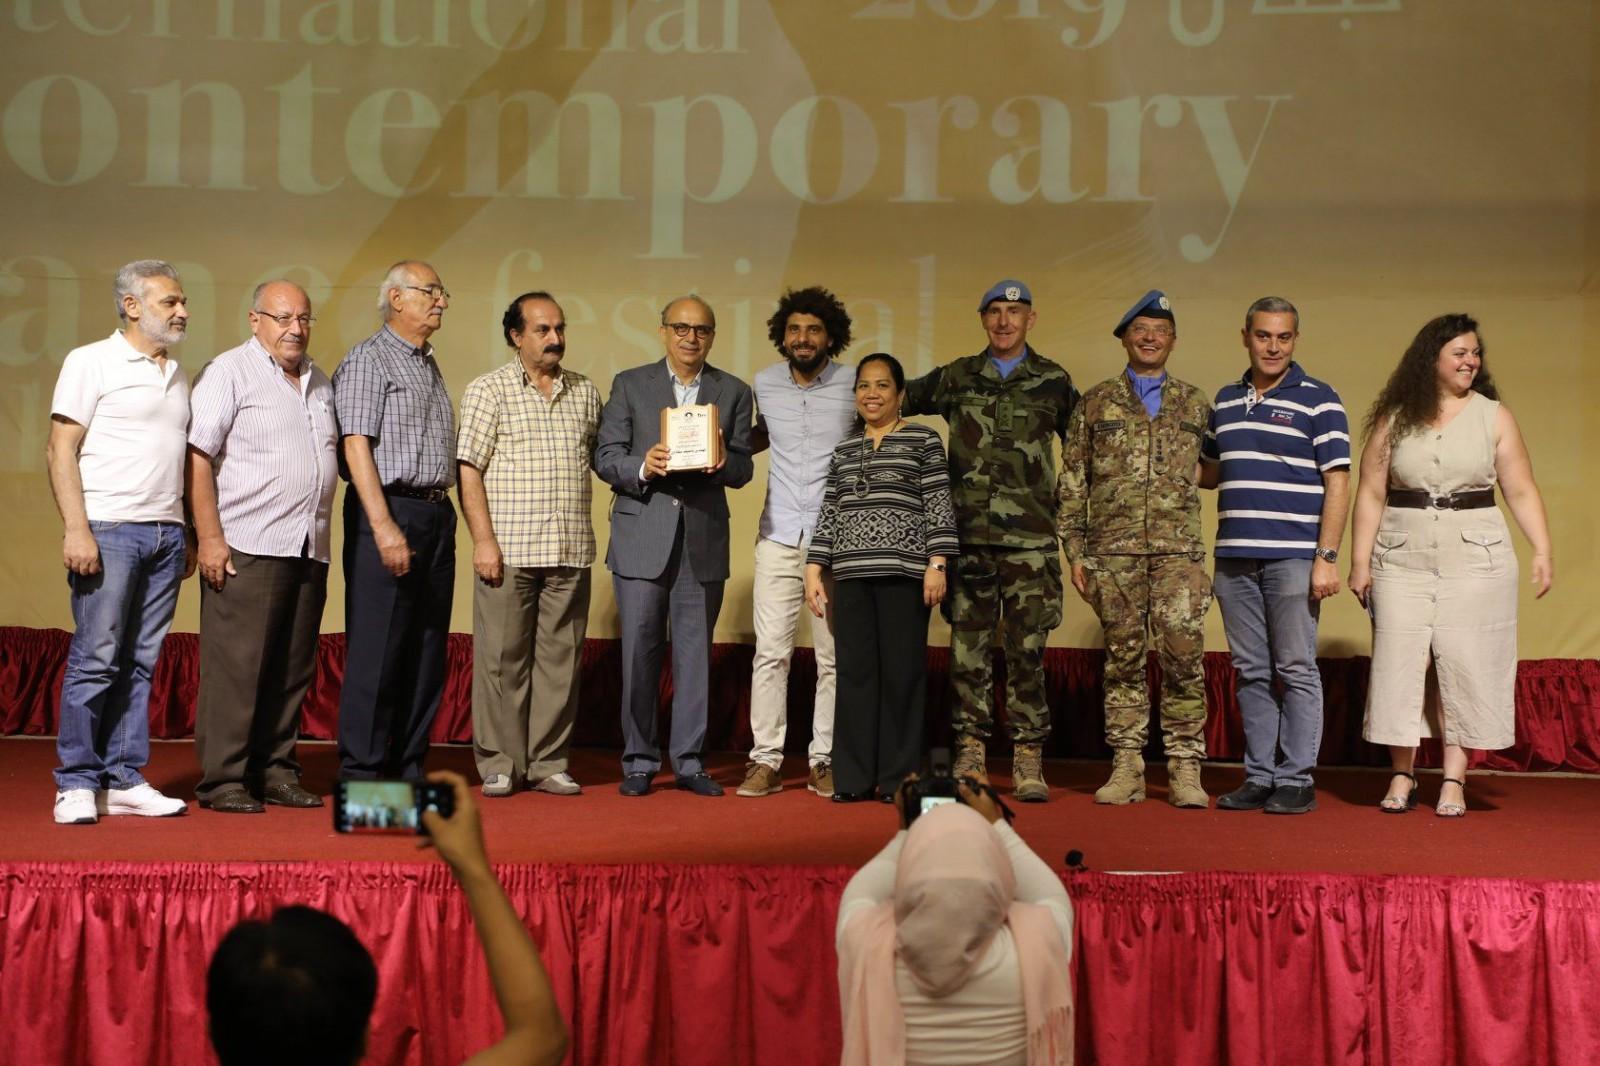 مسرح إسطنبولي يفتتح مهرجان لبنان المسرحي للرقص المعاصر بمشاركة عربية وأجنبية